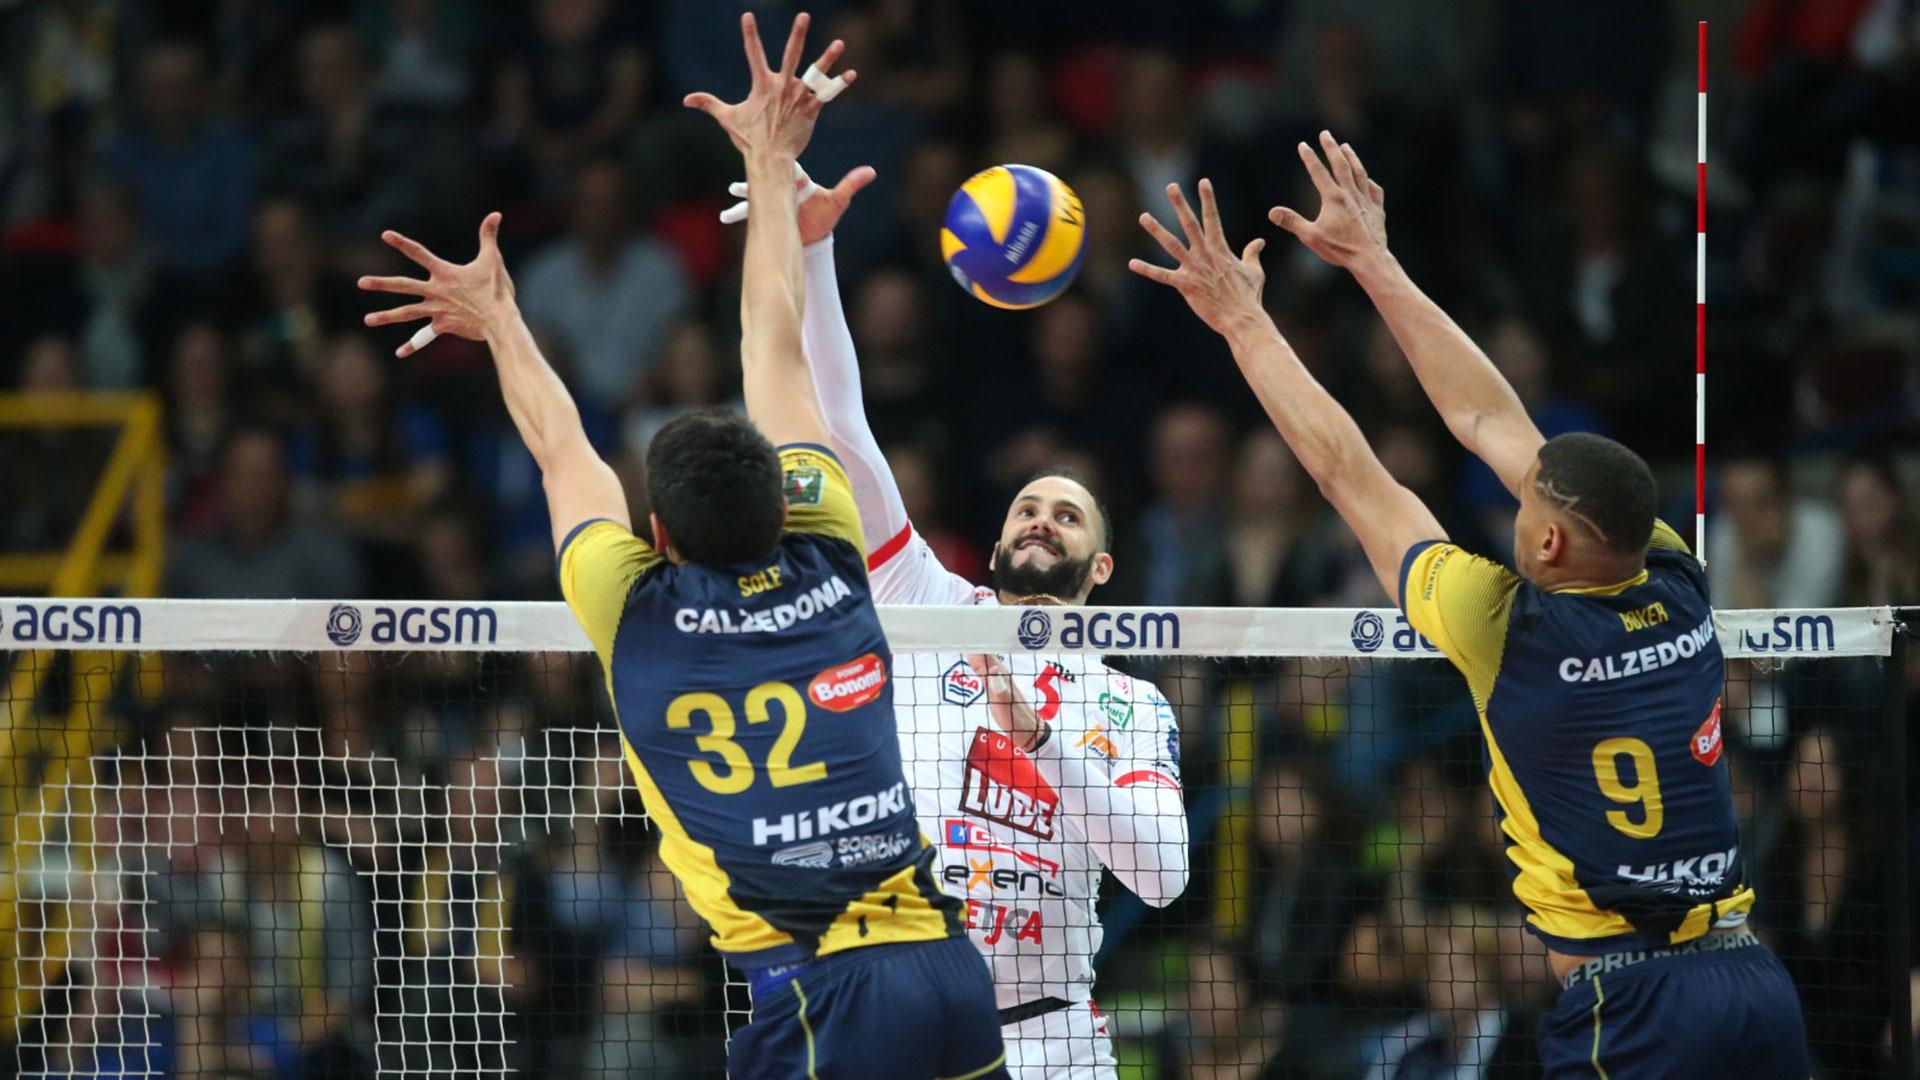 La Lube vince gara 2 a Verona (3-1) e vola in semifinale